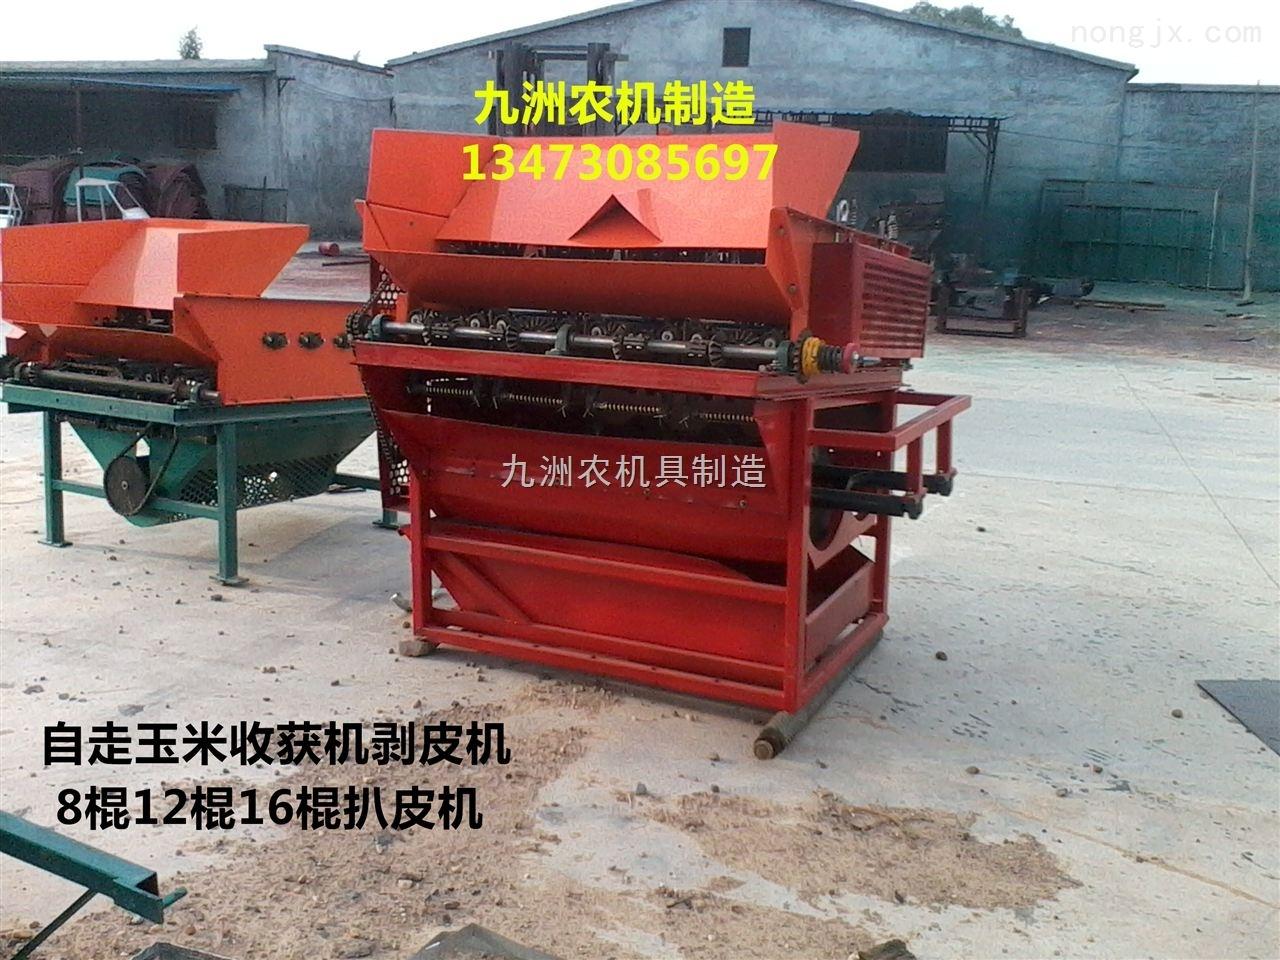 玉米联合收割机加装(厂家生产大型)8棍12棍16棍剥皮机 安装扒皮机 原装粉碎机